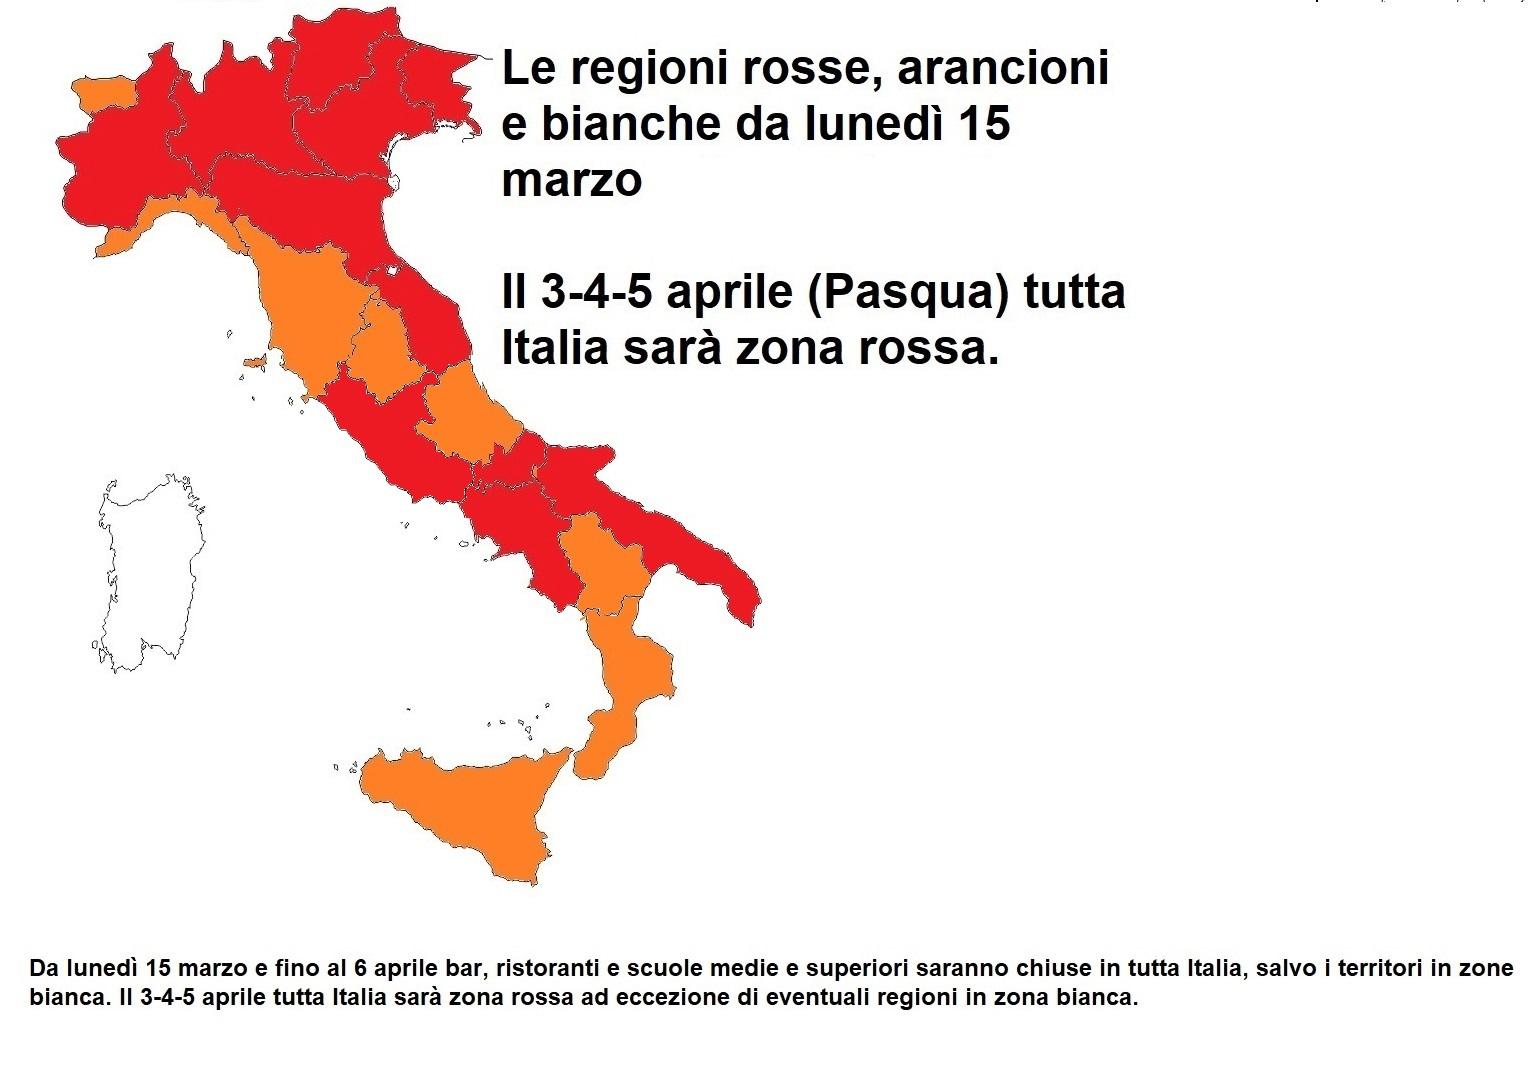 colori regioni italia dal 15 marzo-4